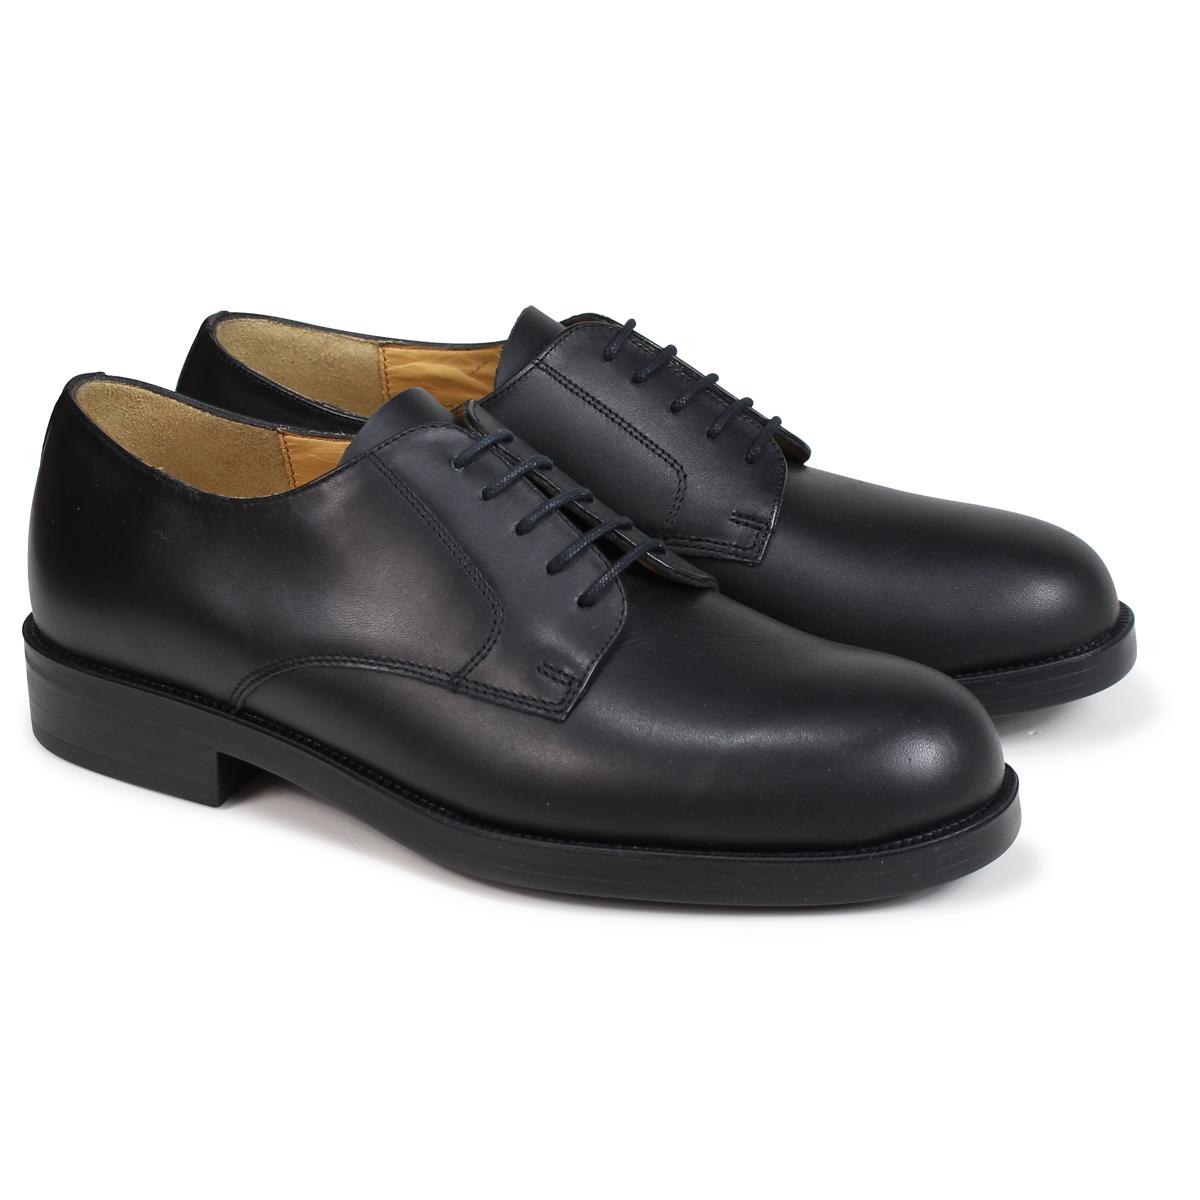 KLEMAN PASTANI クレマン 靴 プレーントゥ シューズ メンズ PLAIN TOE SHOES ブラック VA73102 [4/3 再入荷]